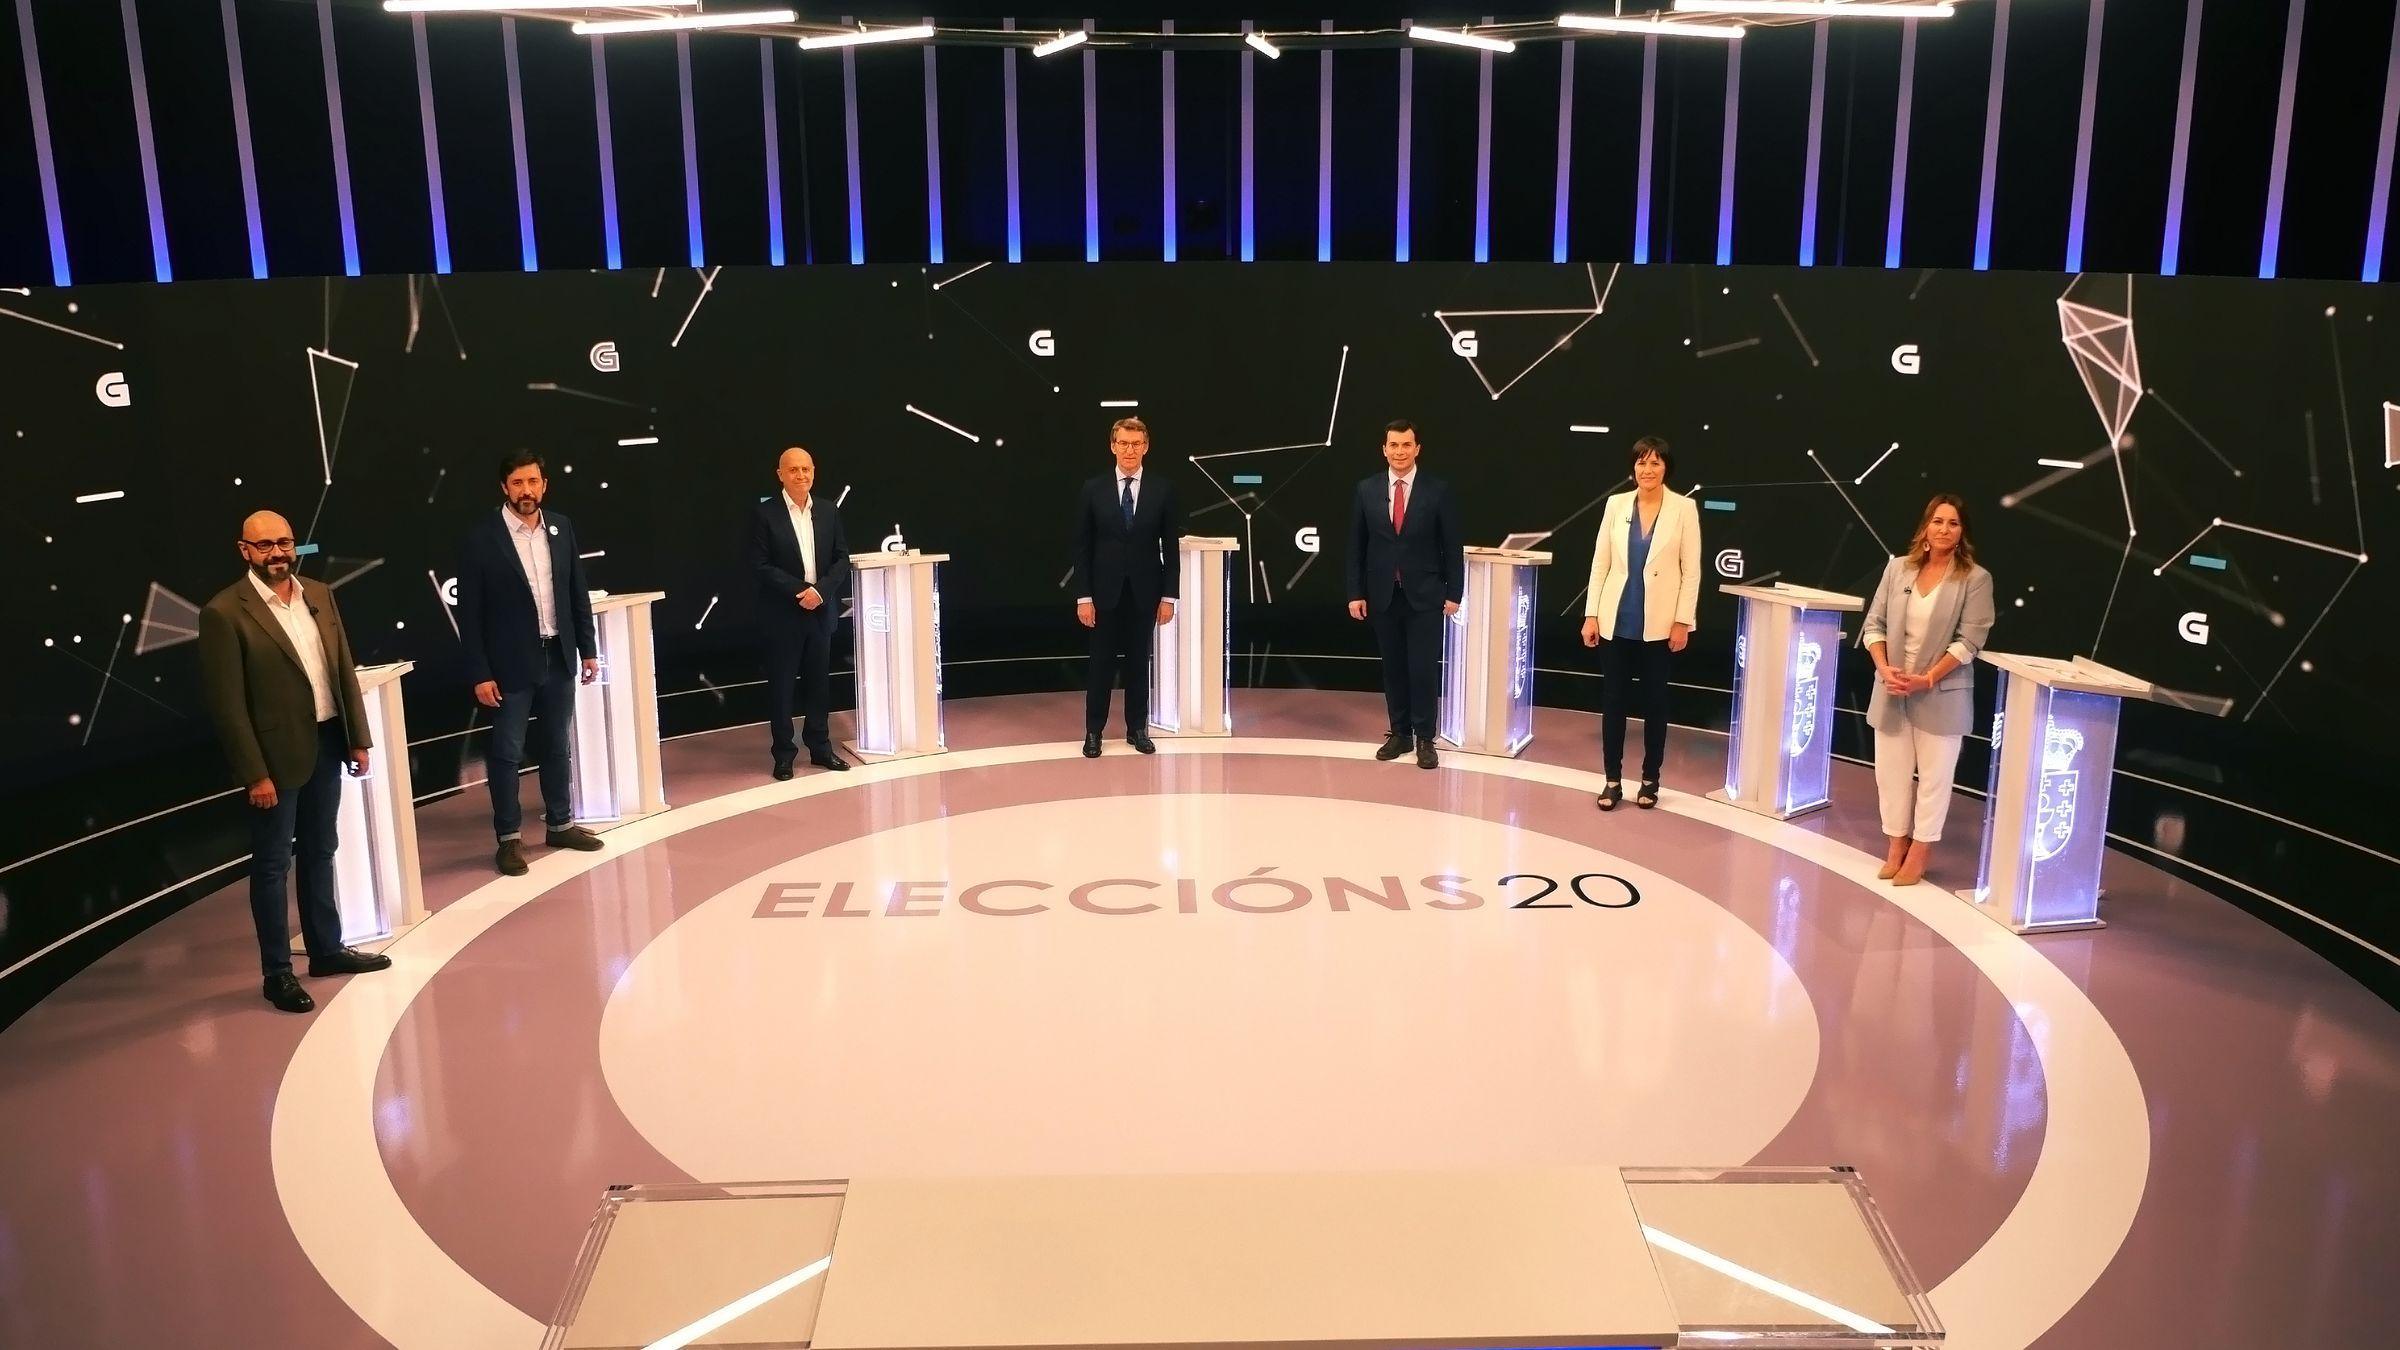 Los candidatos a la presidencia de la Xunta, antes de comenzar el debate